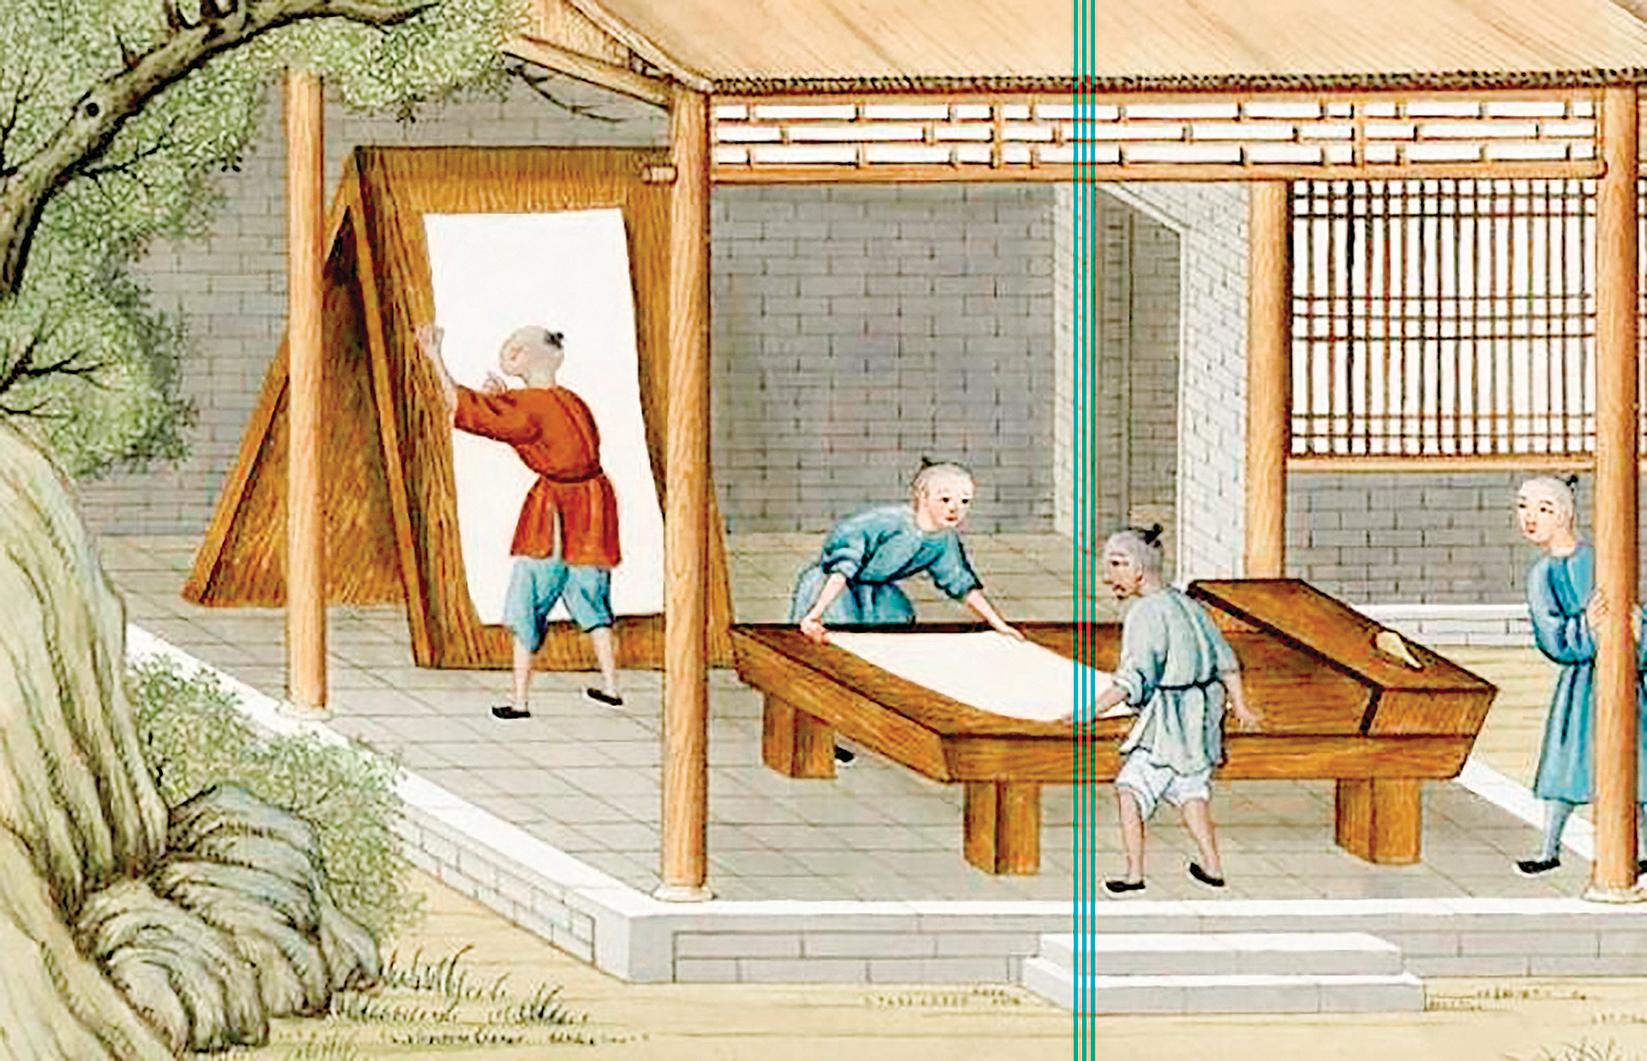 圖為乾隆年間法國傳教士蔣友仁所繪水彩圖畫冊《中國造紙藝術》中歸整刀紙的場景。(公有領域)